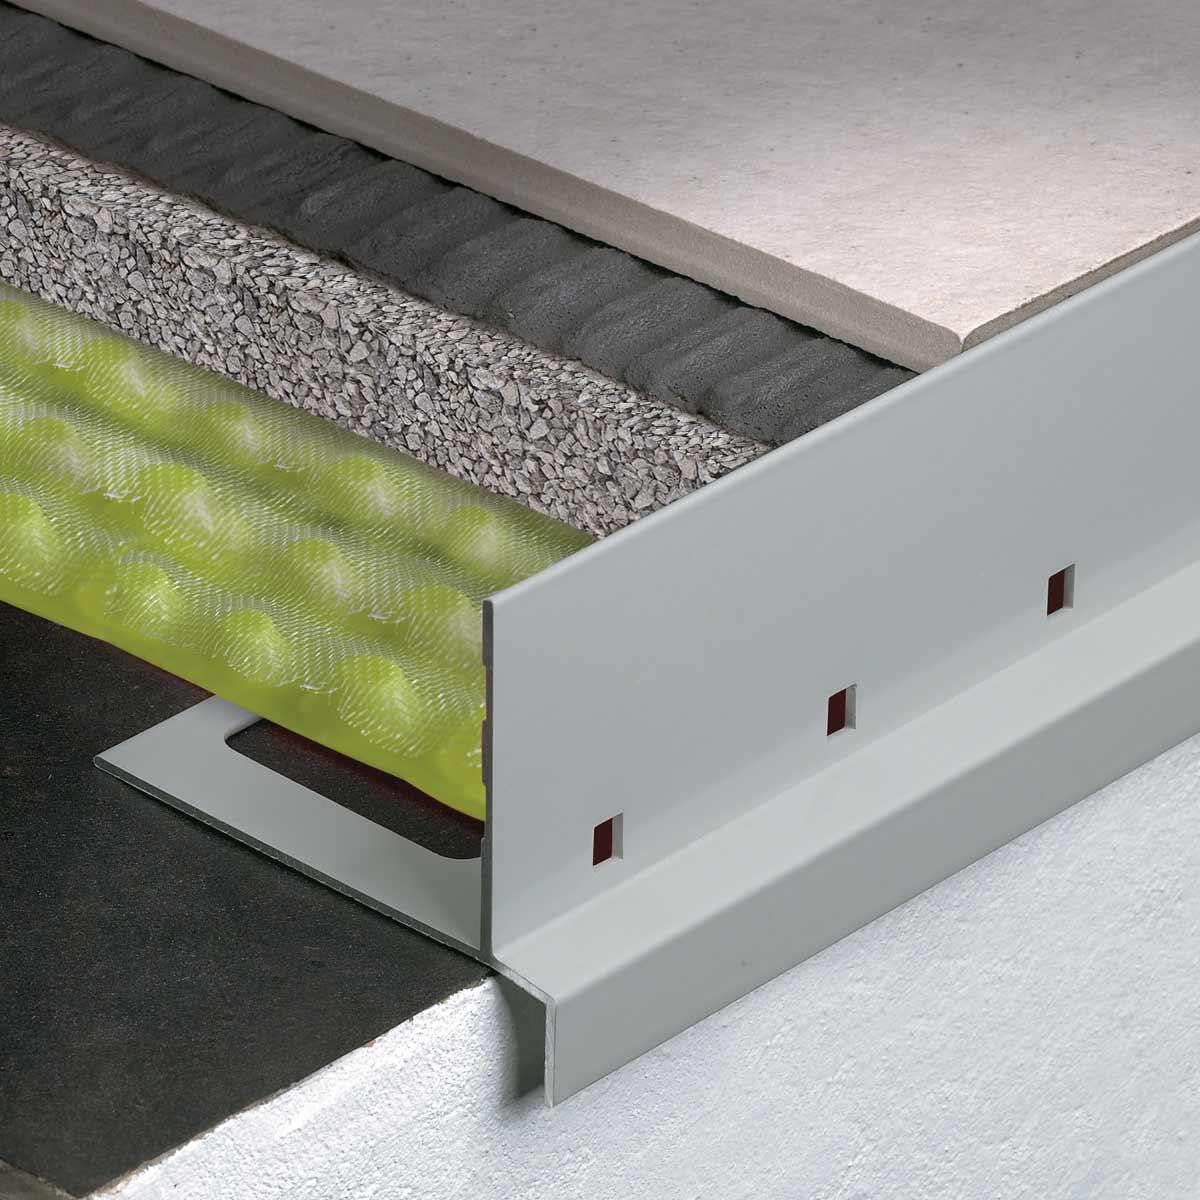 Terrazze Profili per massetti e pavimenti drenanti Profilitec